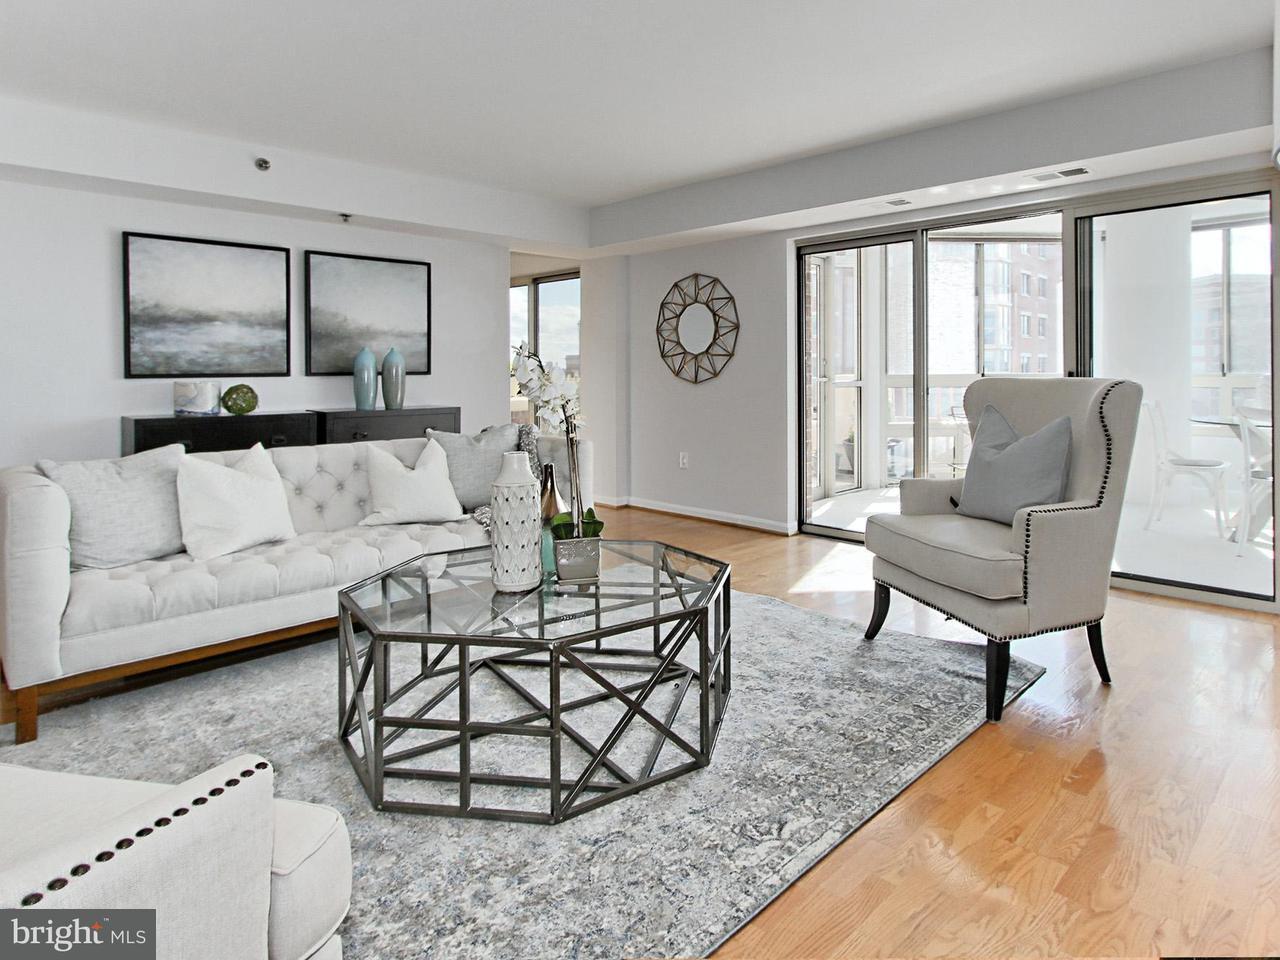 Πολυκατοικία ατομικής ιδιοκτησίας για την Πώληση στο 2121 Jamieson Ave #1803 2121 Jamieson Ave #1803 Alexandria, Βιρτζινια 22314 Ηνωμενεσ Πολιτειεσ